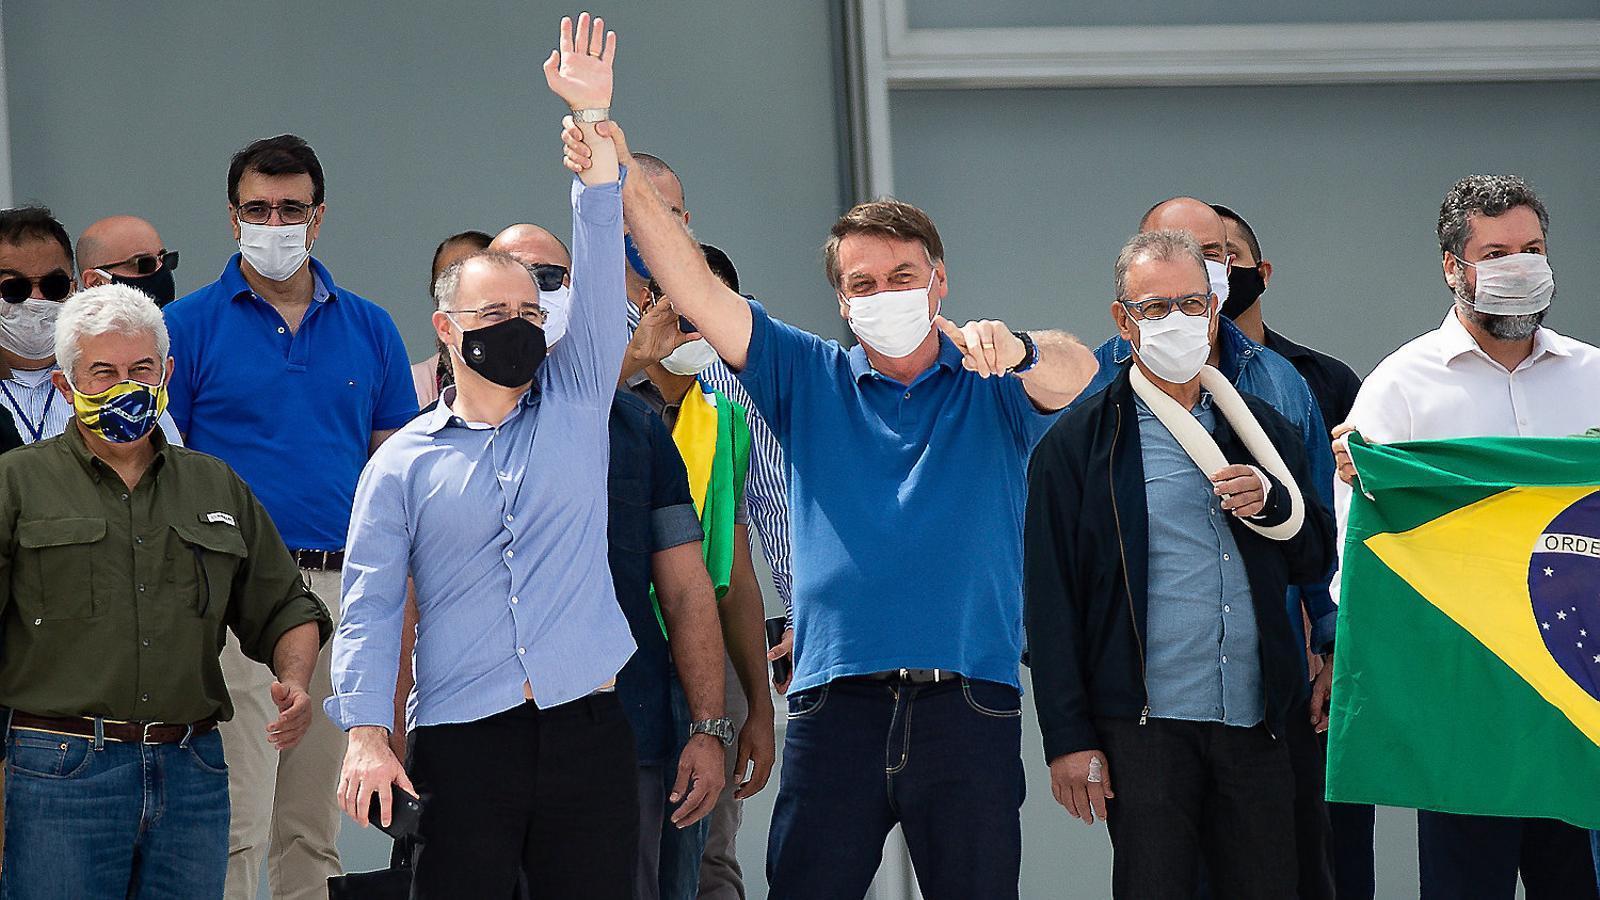 Bolsonaro ahir amb mascareta però sense mantenir les distàncies de seguretat.